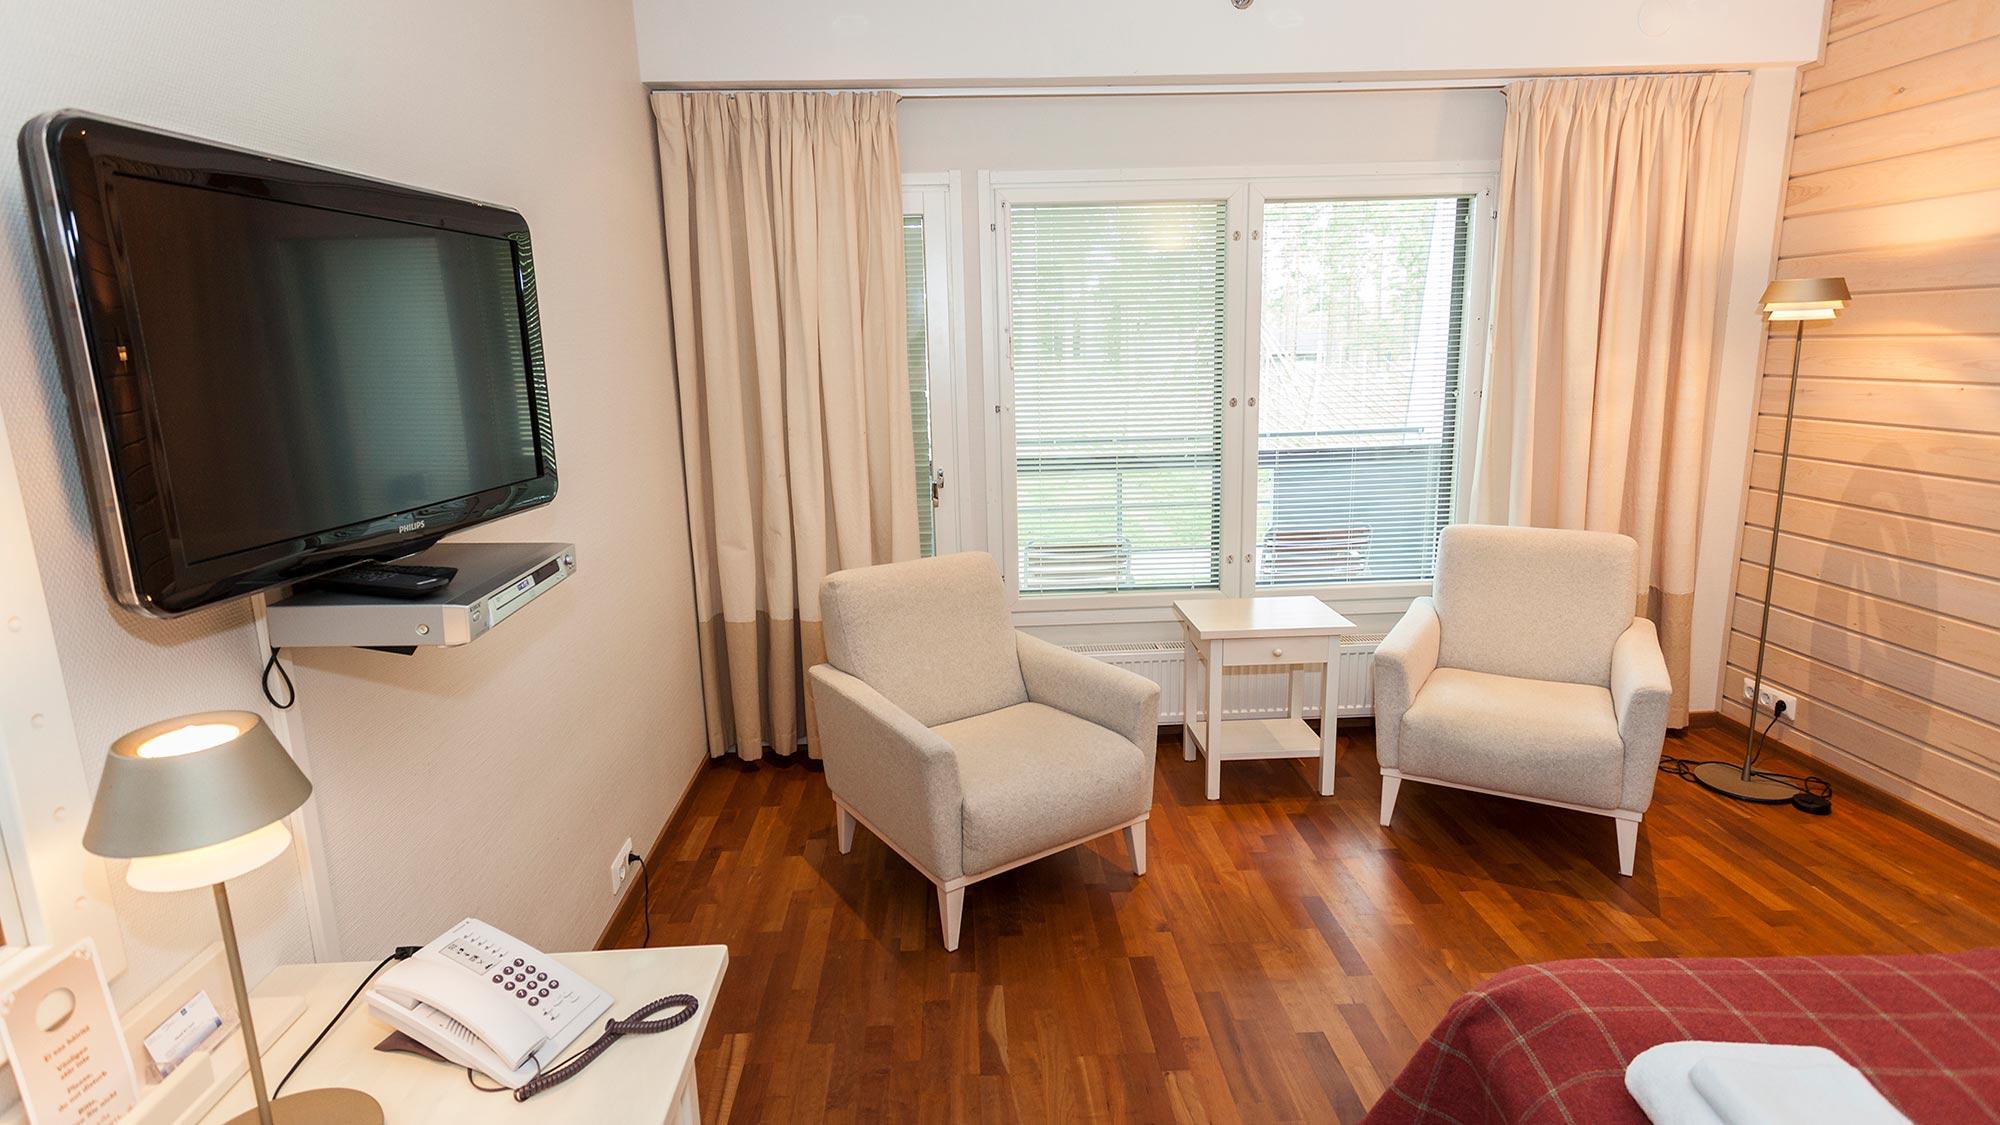 Lämpimin sävyin sisustettu Standard hotellihuone tarjoaa oman saunan rentoutumiseen.